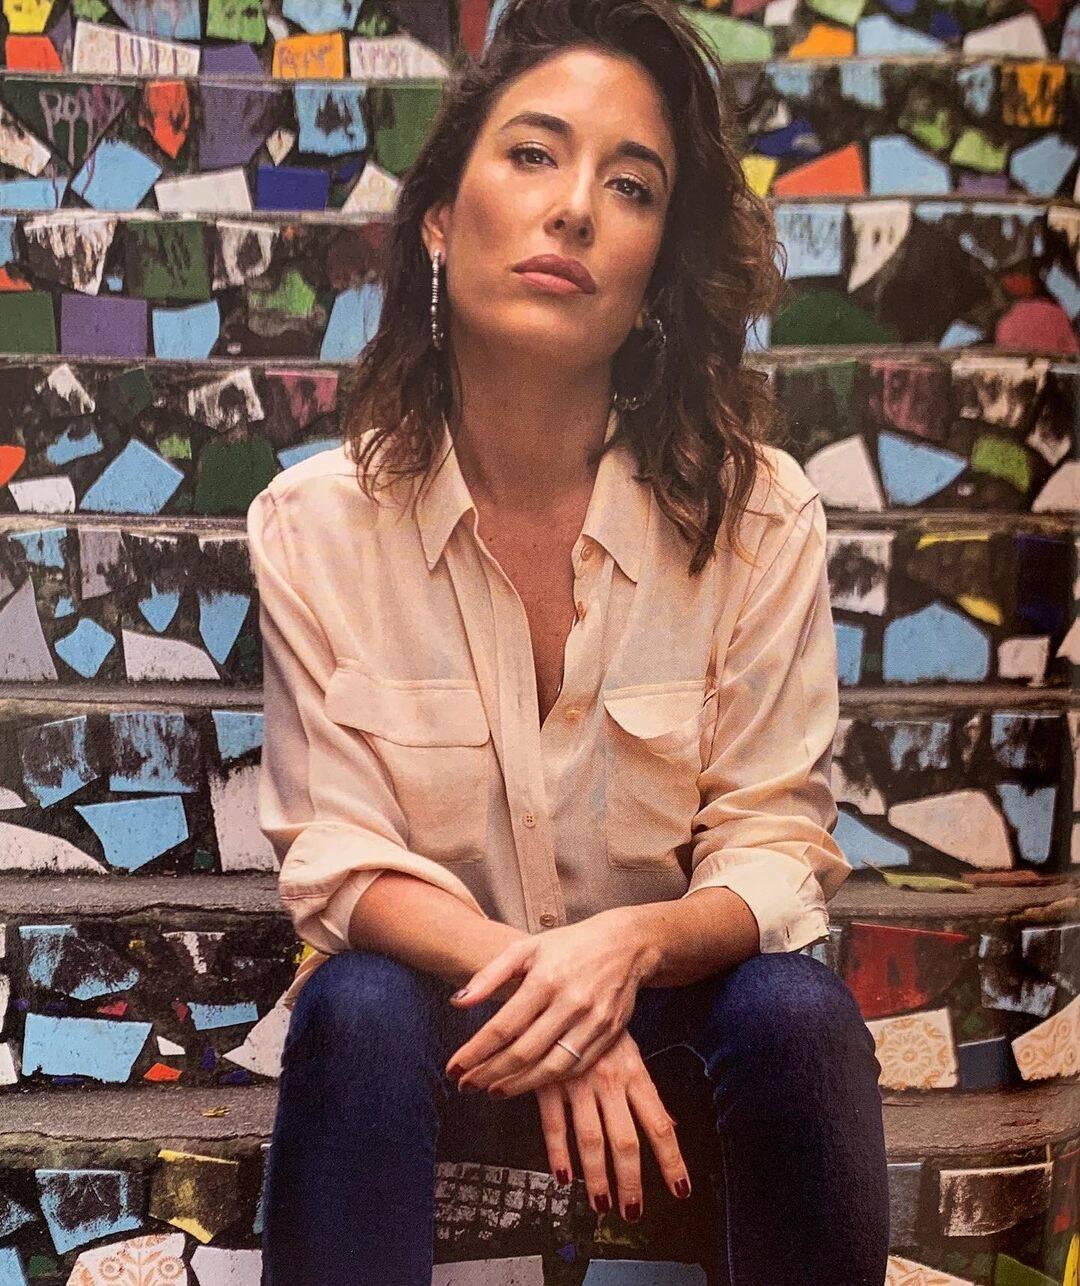 A atriz, conhecida por atuar em novelas como Esperança, Começar de Novo e Bela, a Feia, nasceu no México — mais precisamente, na capital, a Cidade do México. (Foto: Instagram/@gitie)